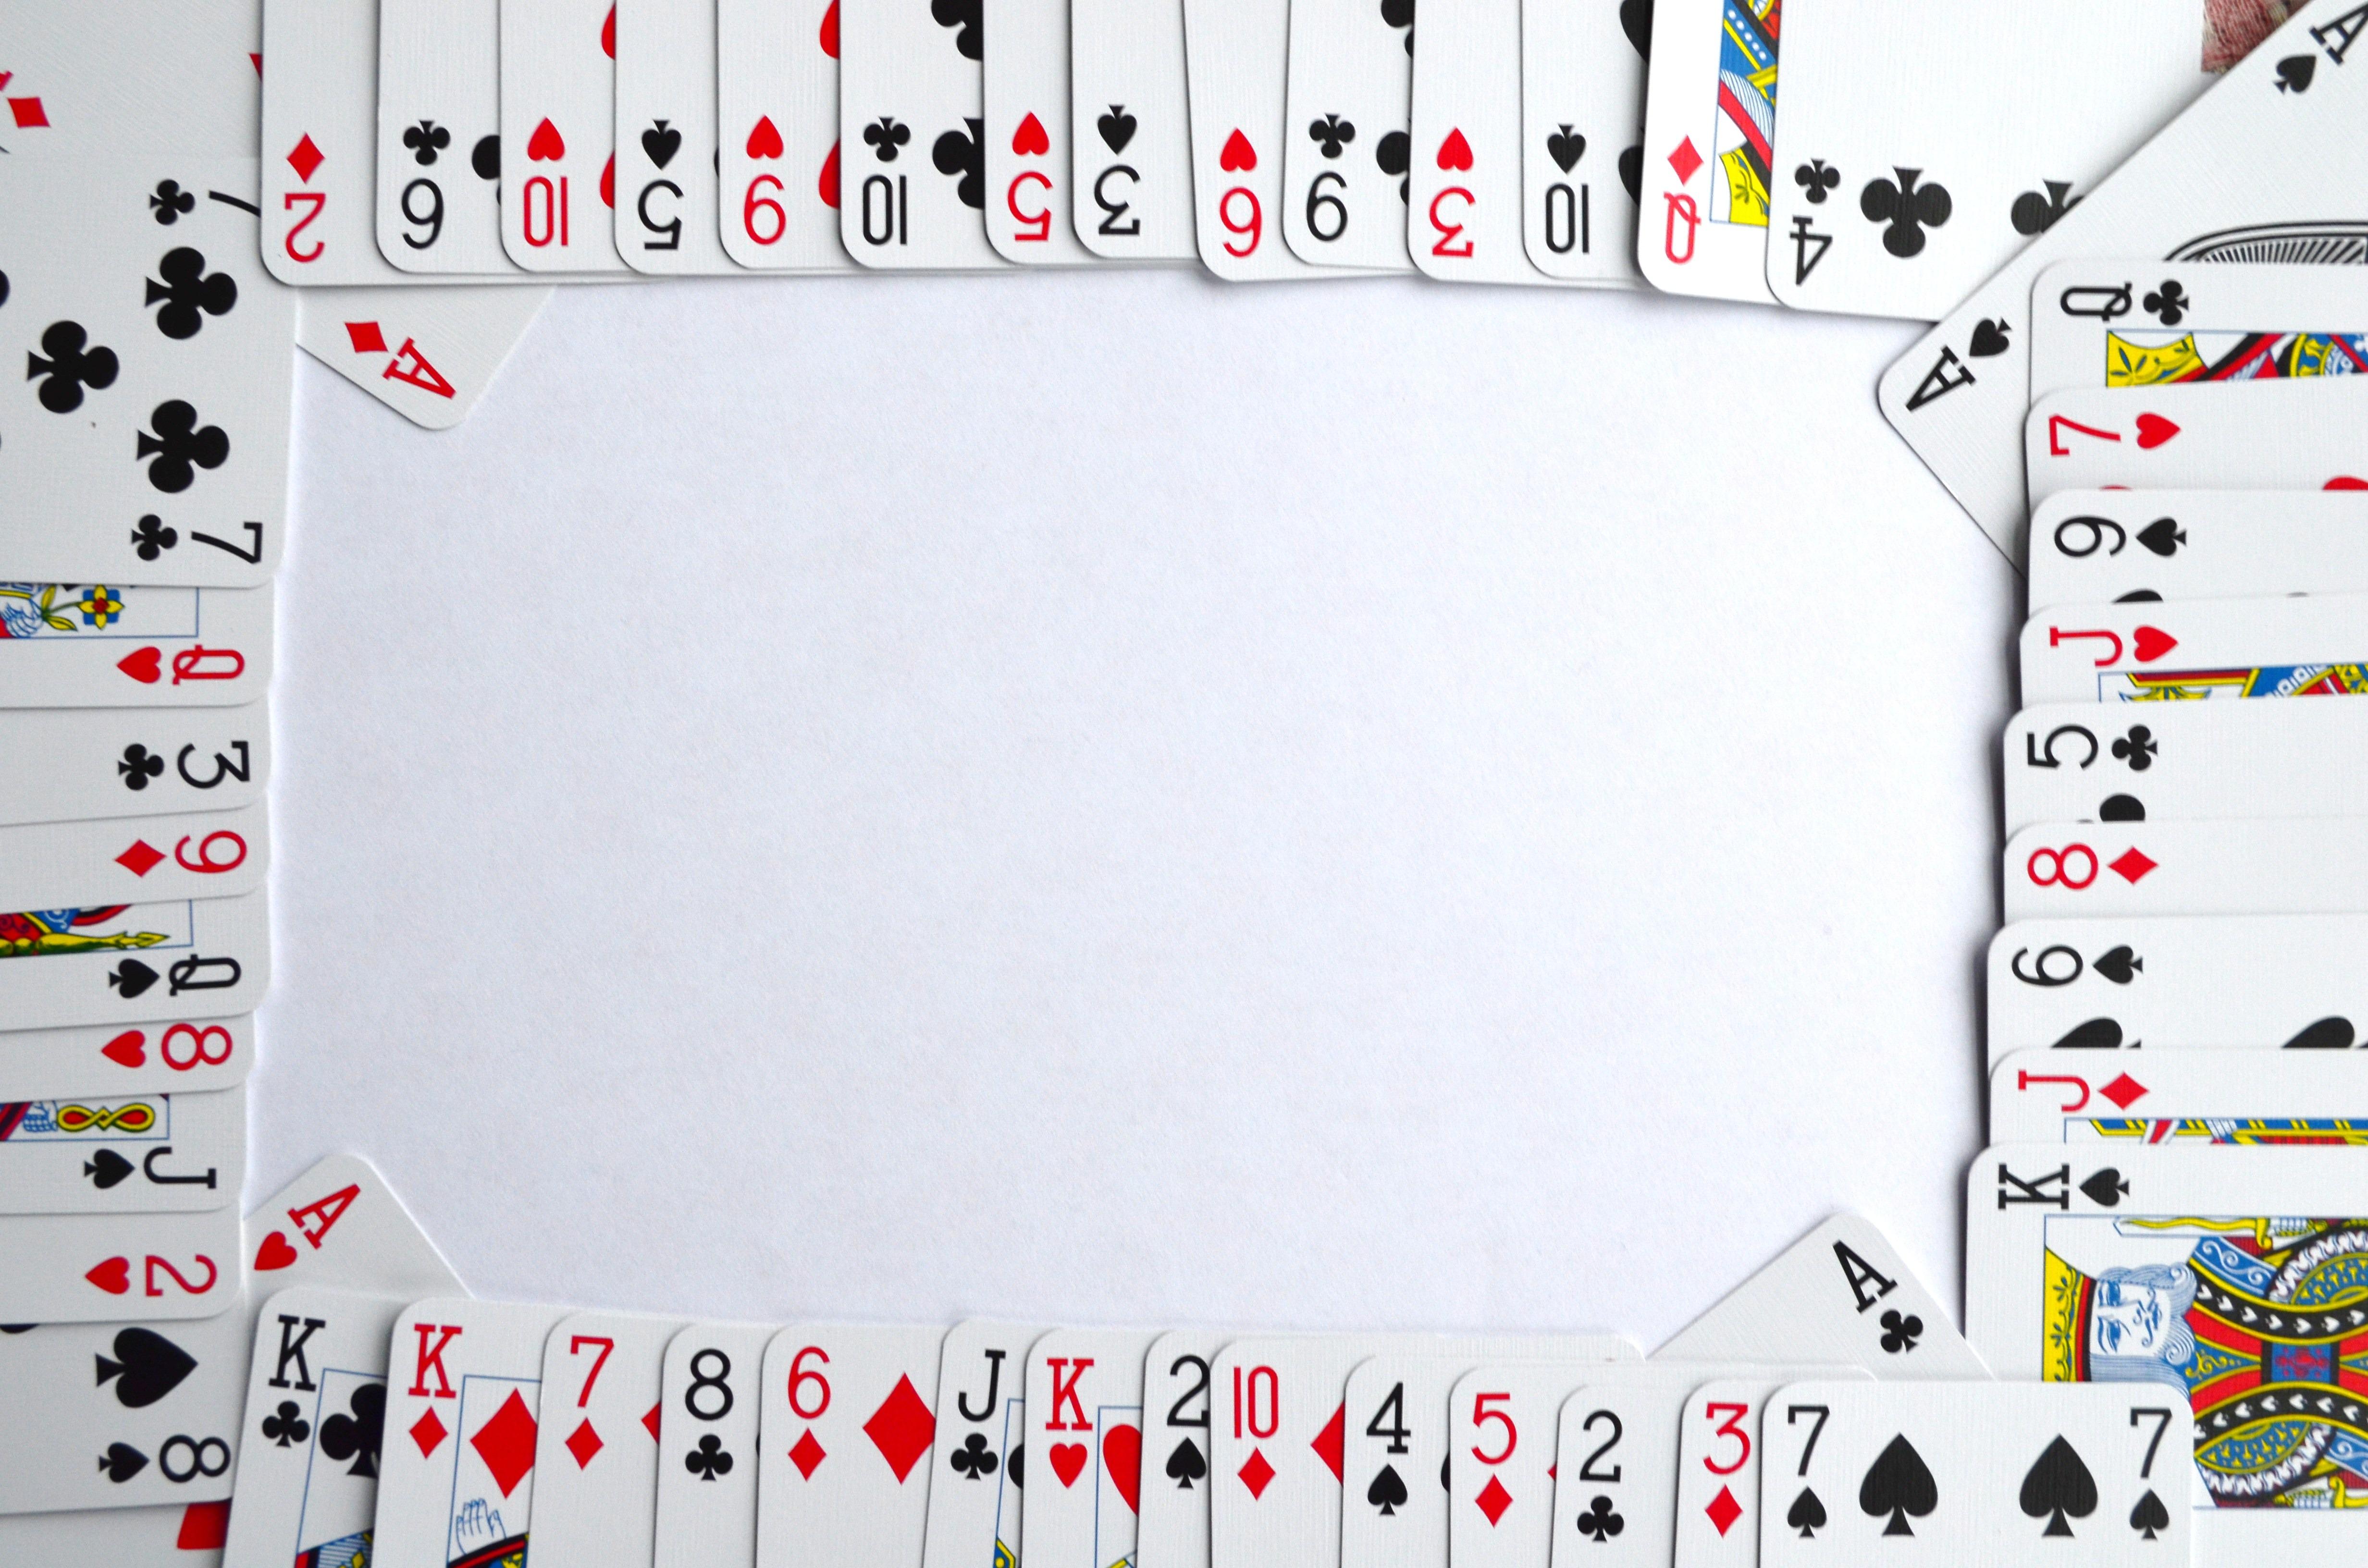 Как сделать из игральную карту